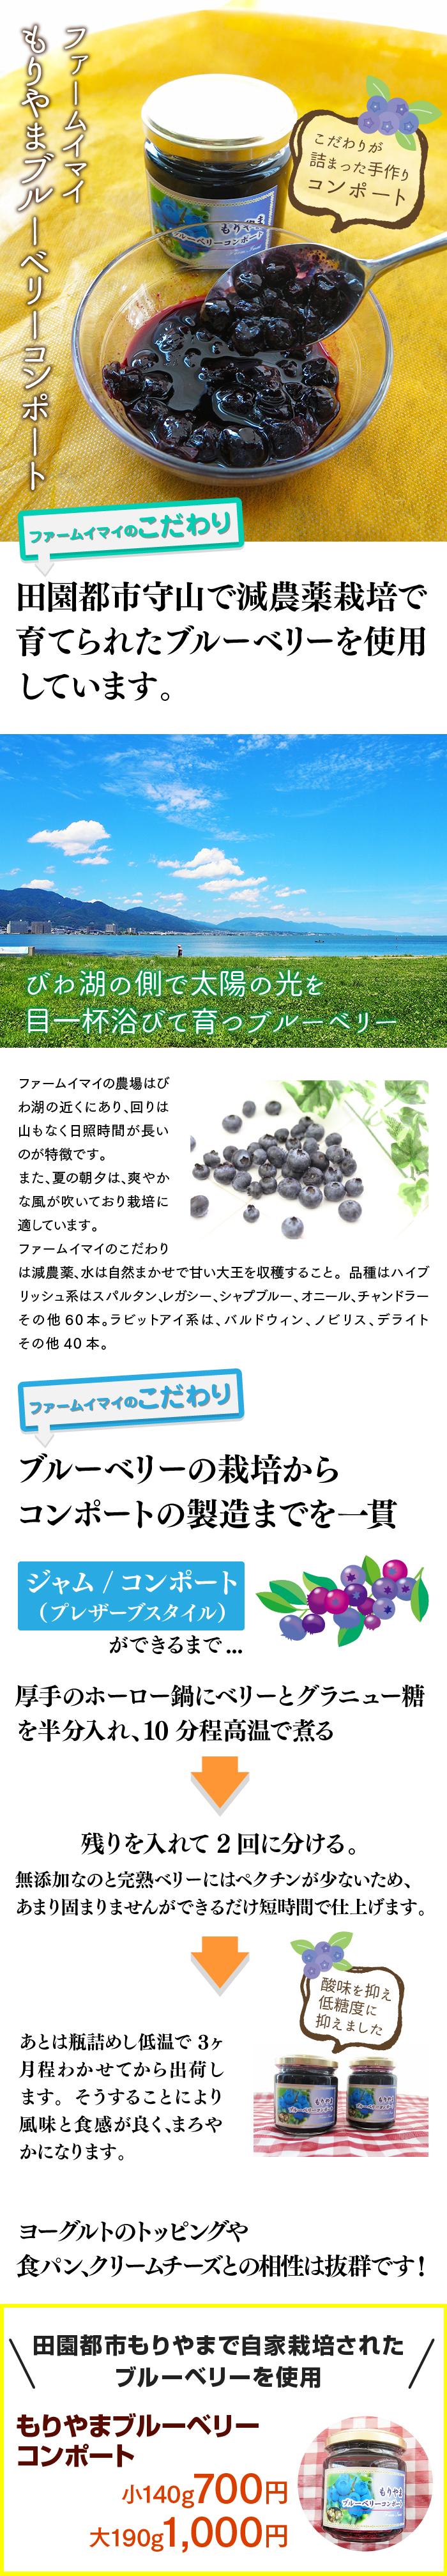 田園都市守山で減農薬栽培で 育てられたブルーベリーを使用 しています。